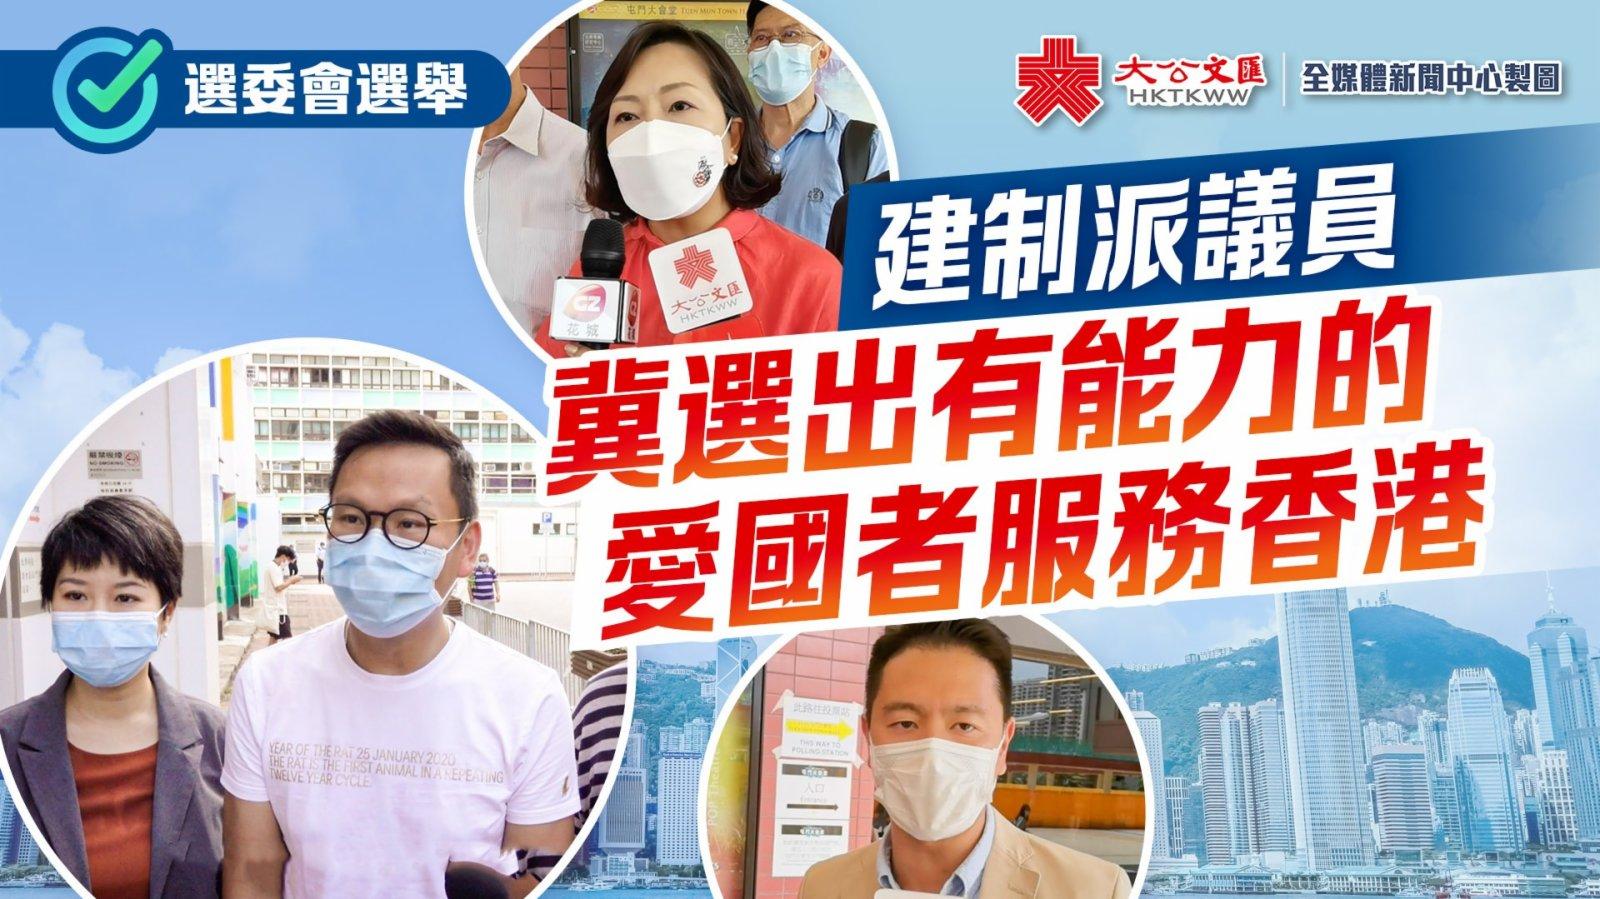 選委會選舉|建制派議員冀選出有能力的愛國者服務香港